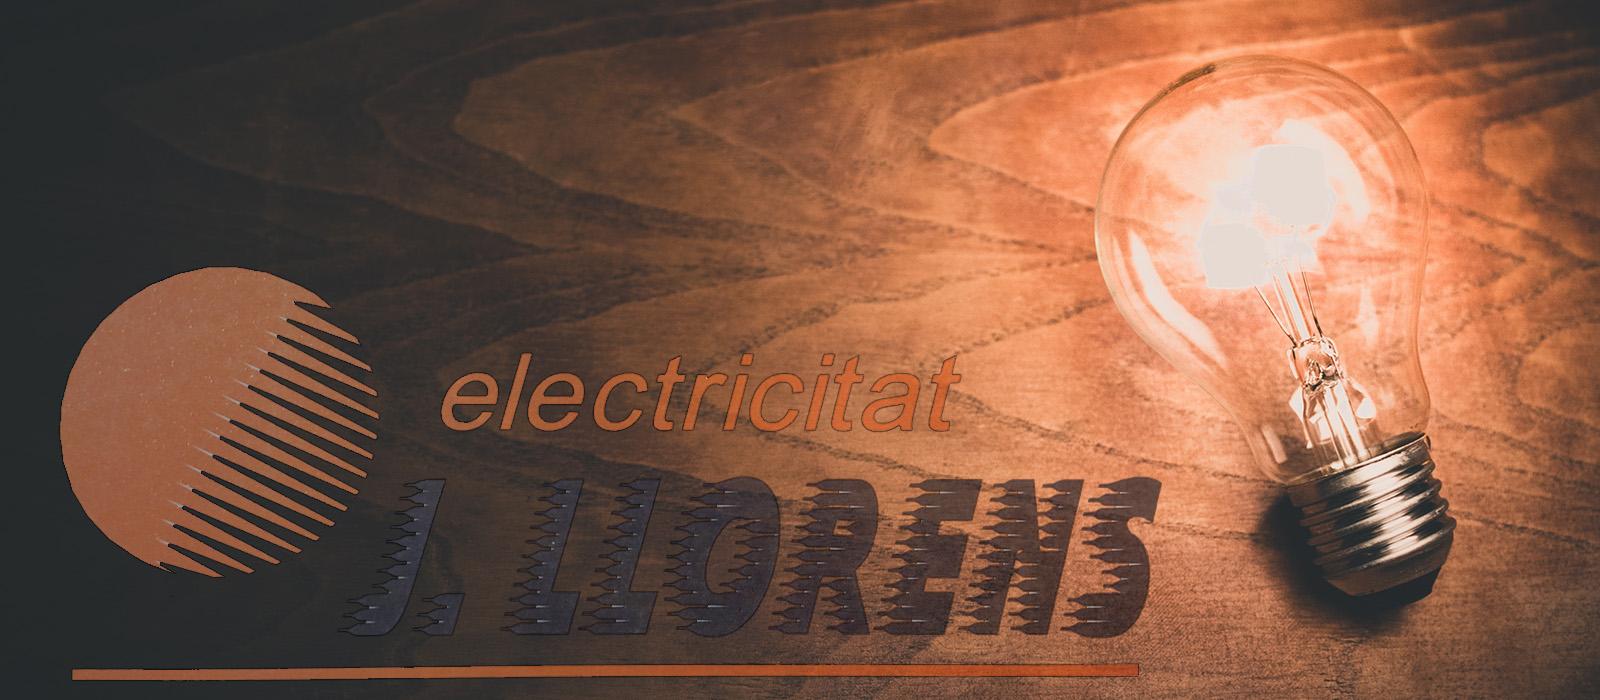 electricitad-jordi-llorens_alcala_de_xivert_alcocebre